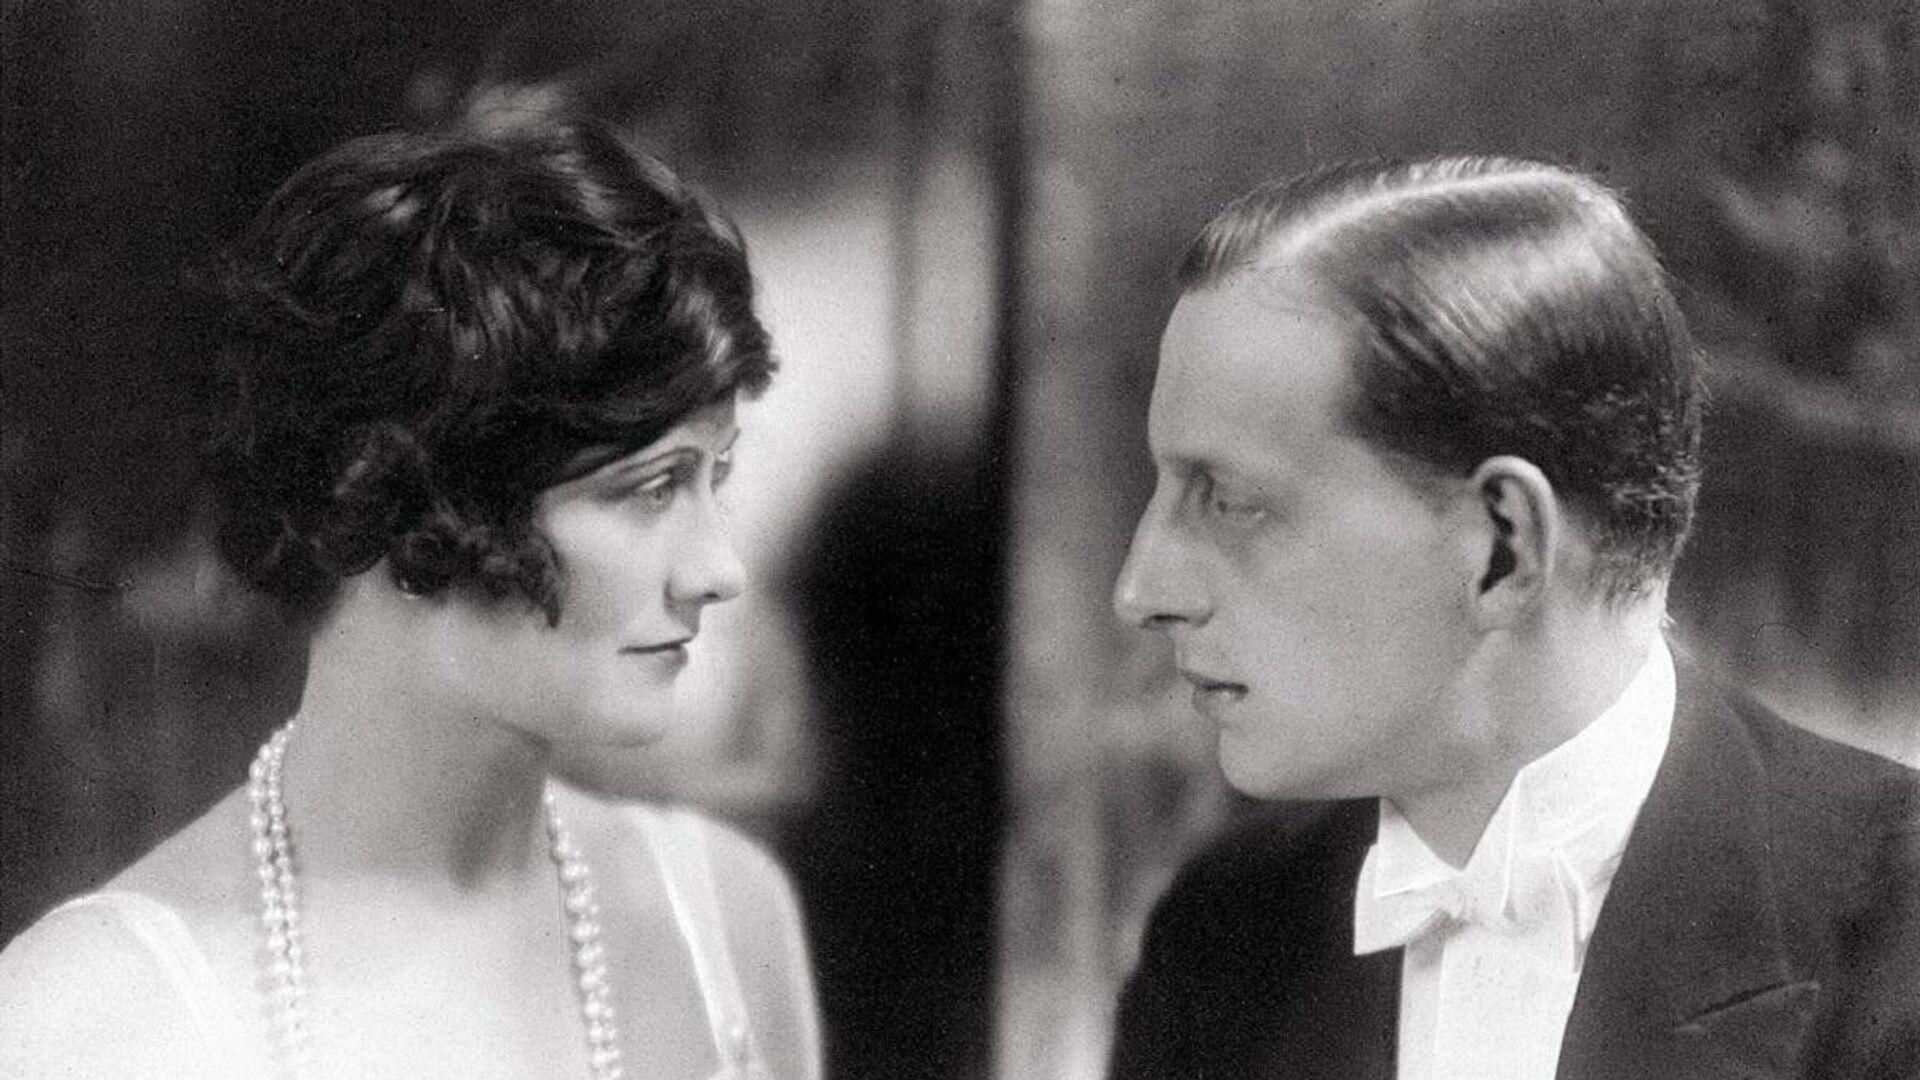 La diseñadora francesa Coco Chanel y el duque ruso Dmitri Románov - Sputnik Mundo, 1920, 05.05.2021